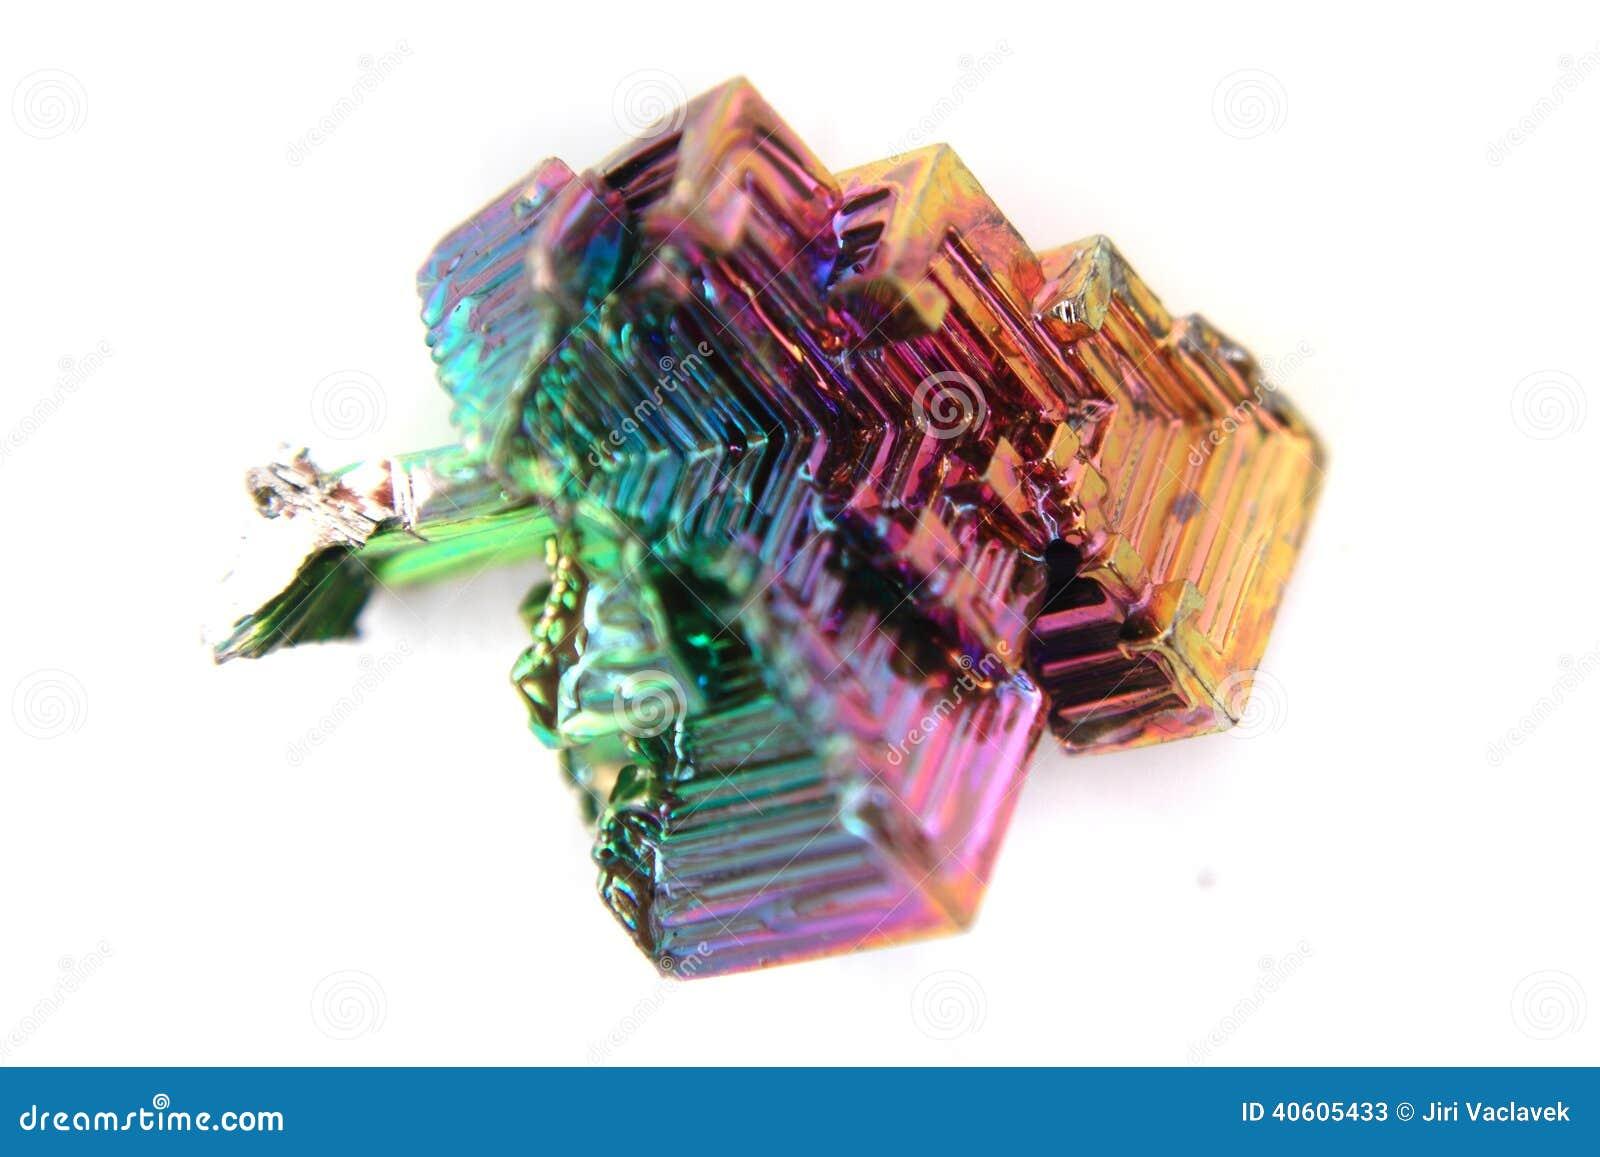 bismuth bismuthum bi color metal crystal stock photo image 40605433. Black Bedroom Furniture Sets. Home Design Ideas